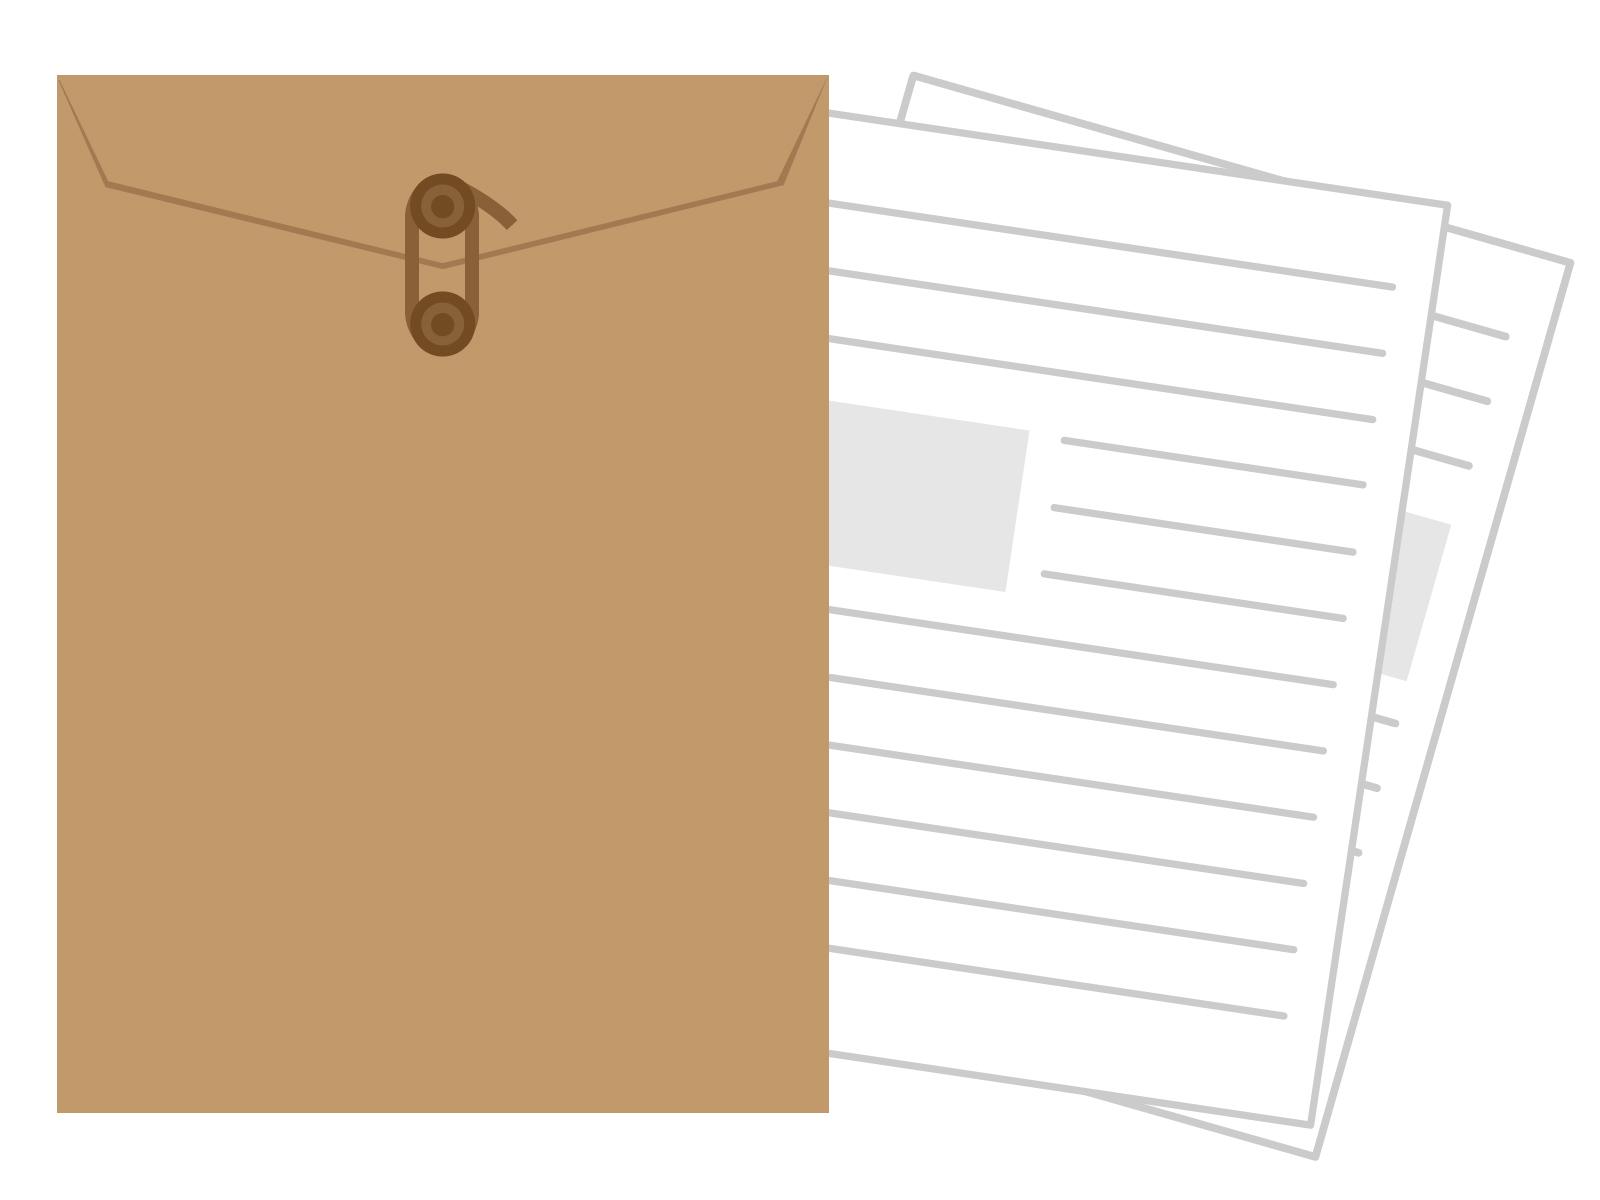 5_相続税申告の添付書類